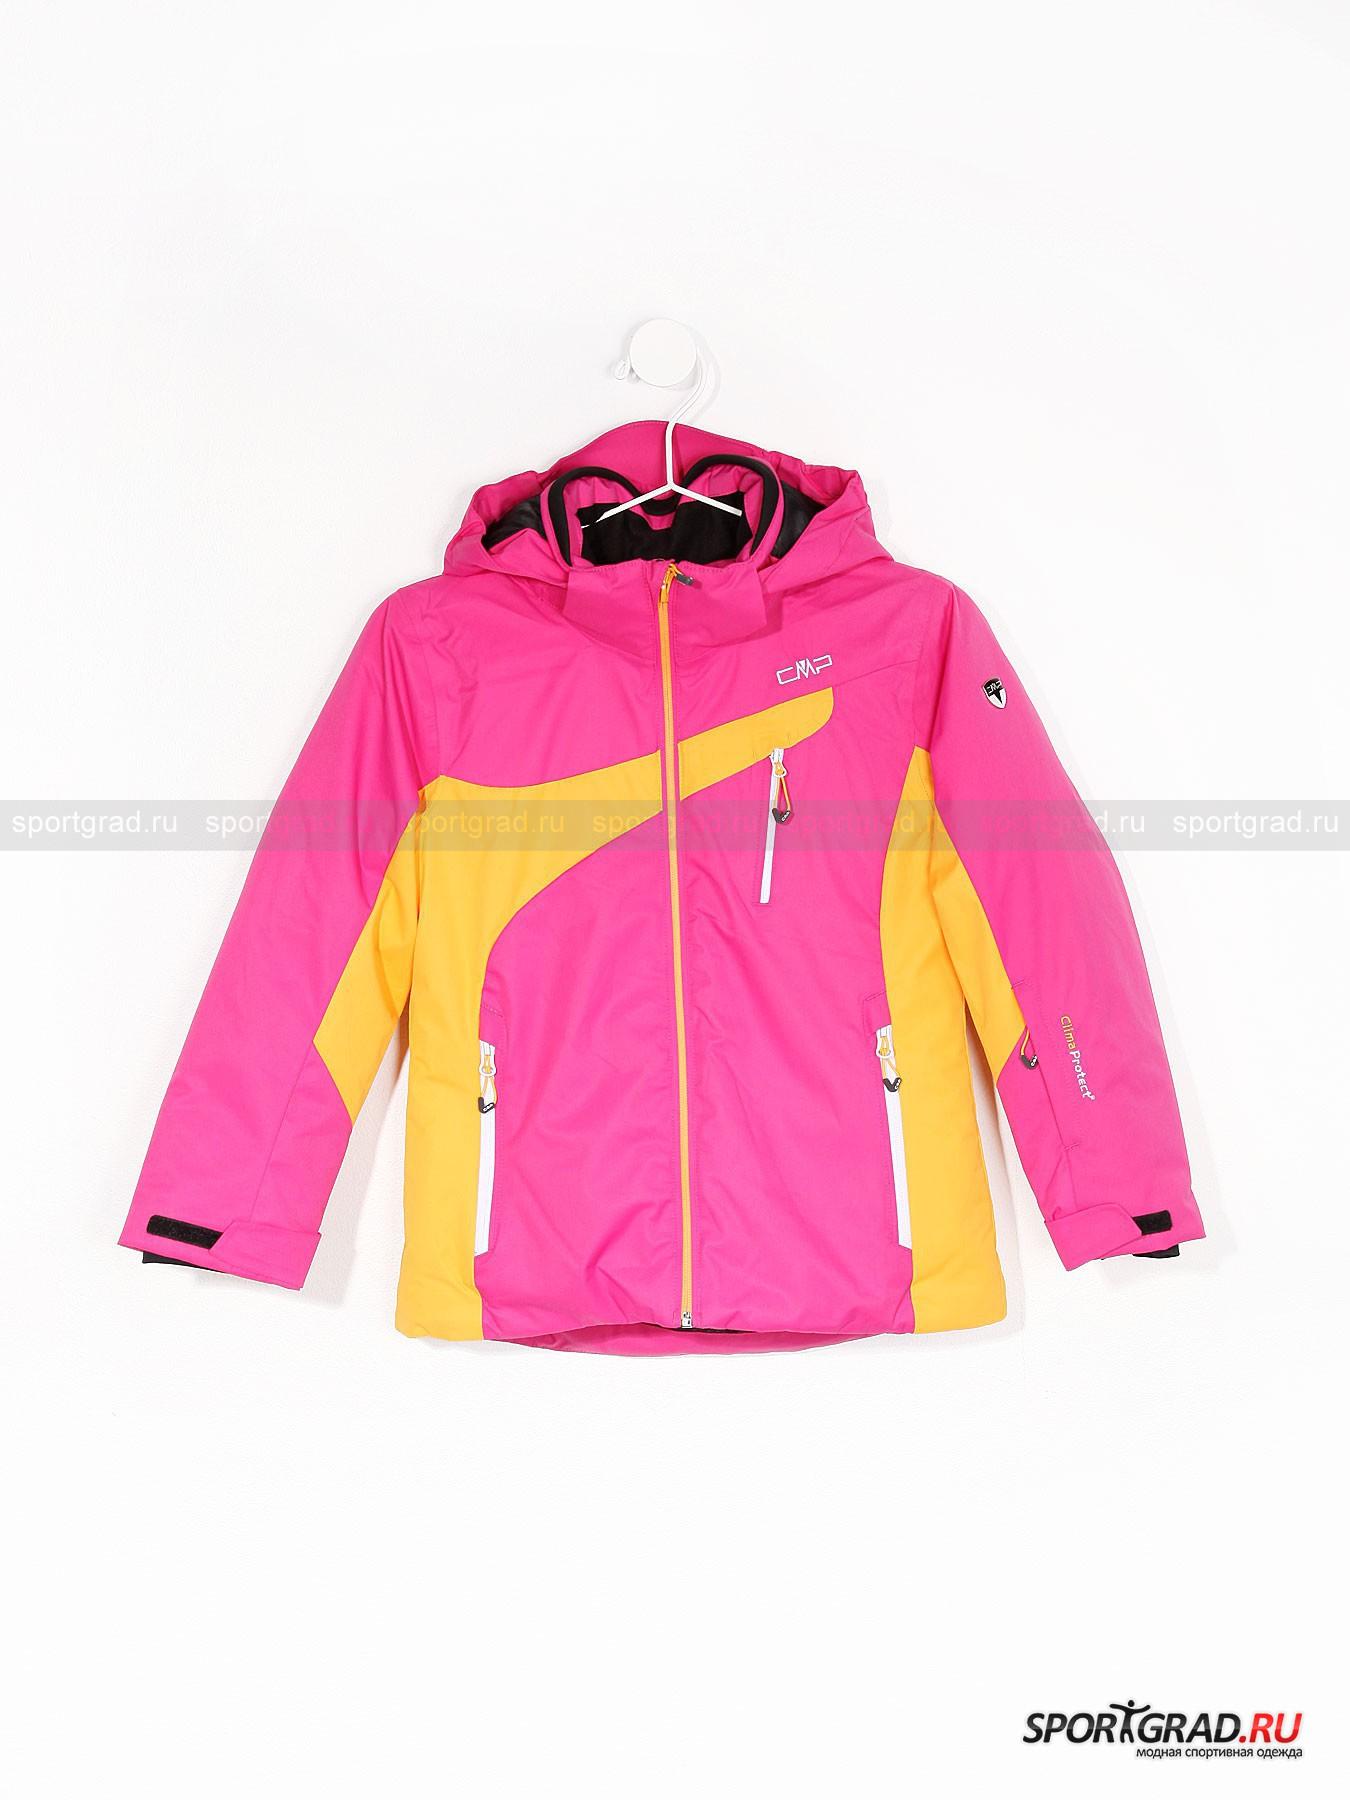 Куртка зимняя для девочек Ski Jacket CMP от Спортград